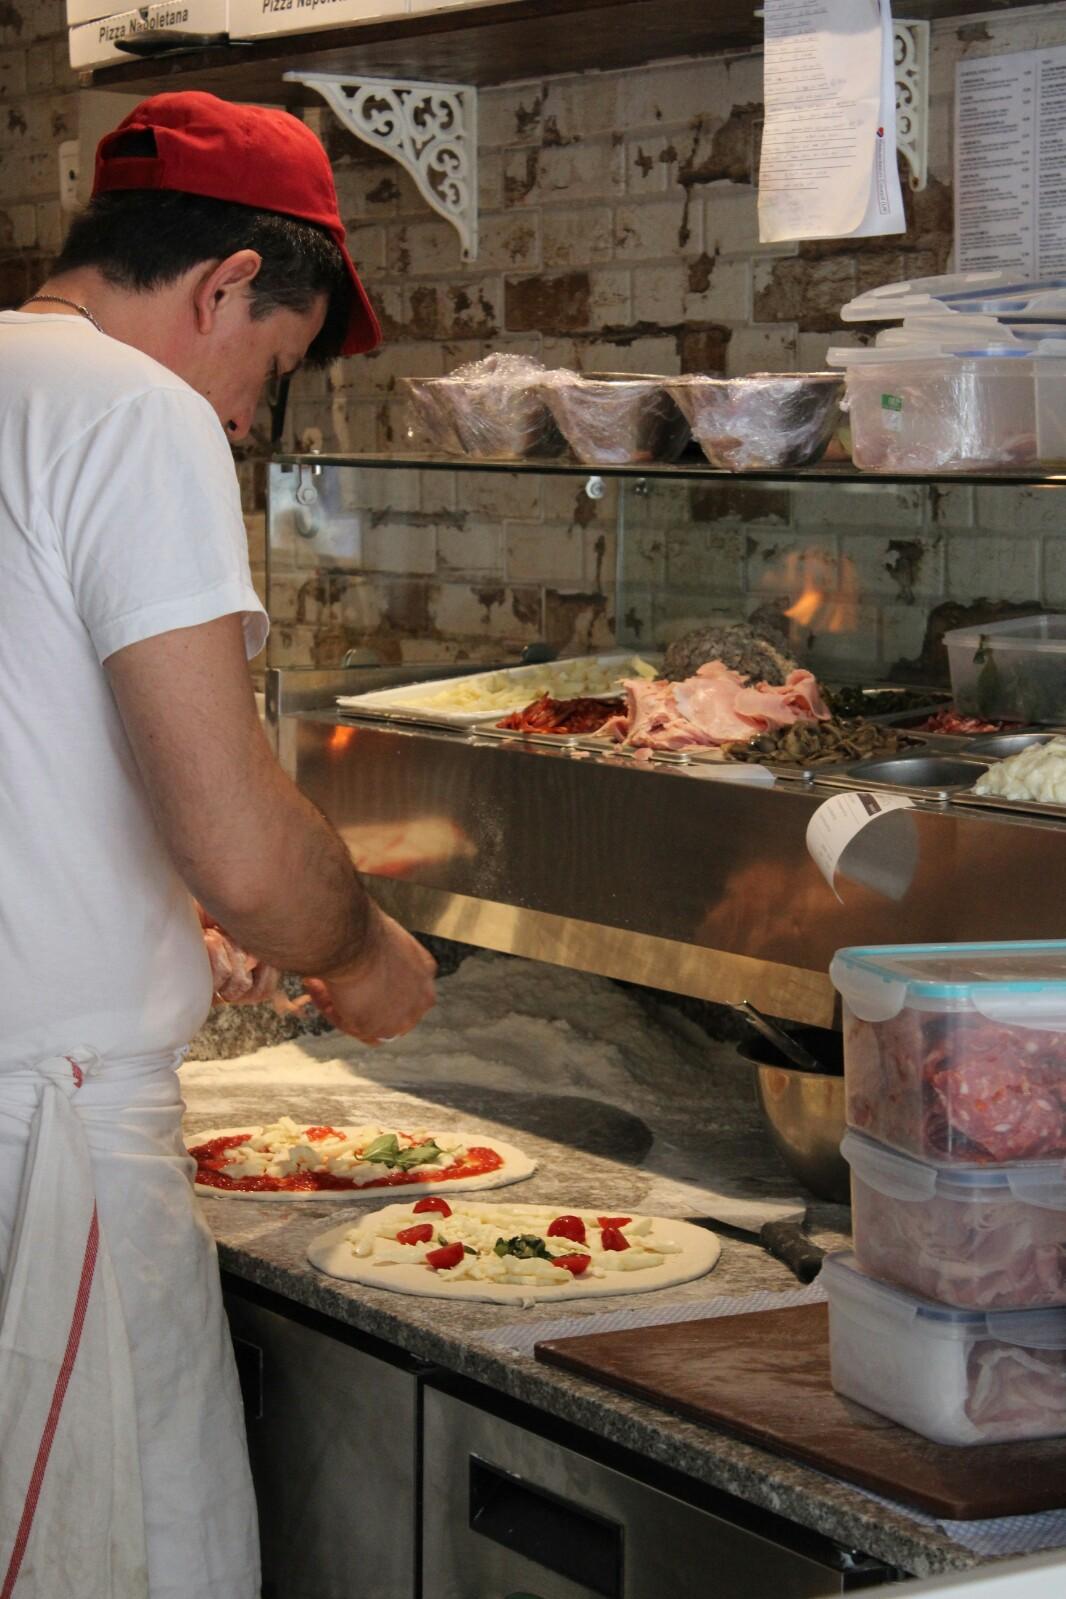 Preparing the pizzas